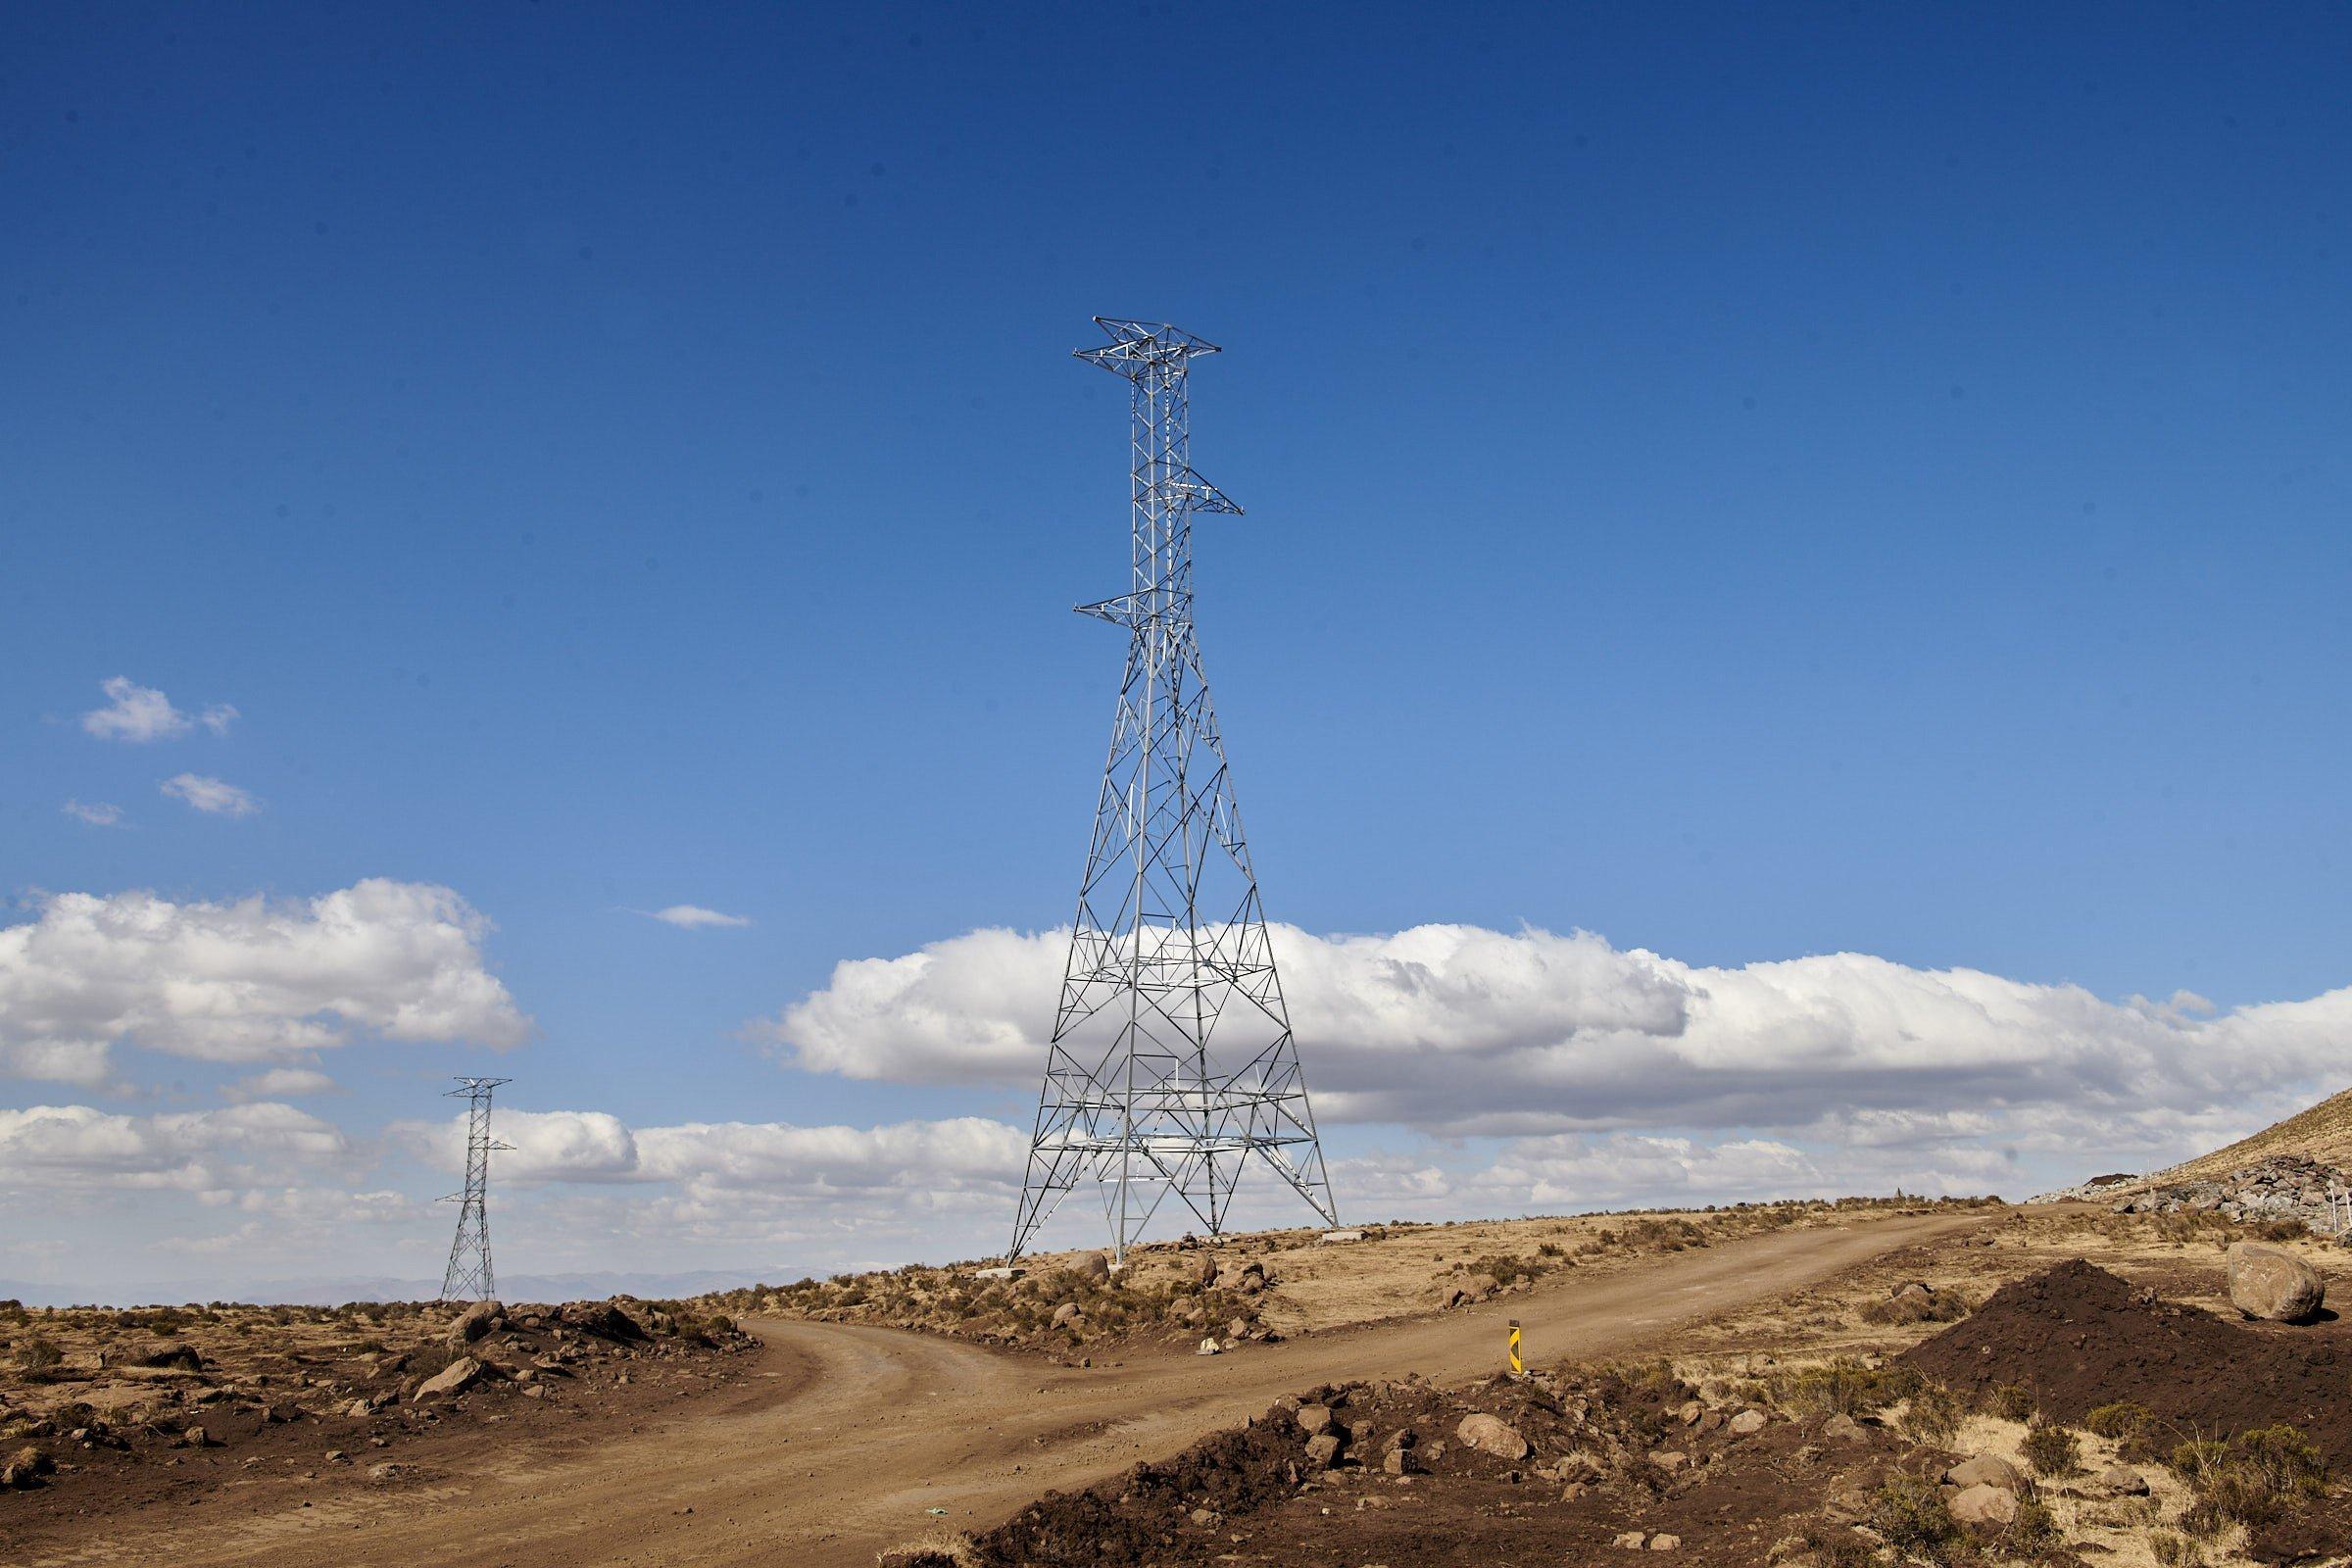 Hochspannungsmasten stehen in der Landschaft, die Überleitungen sind noch nicht installiert